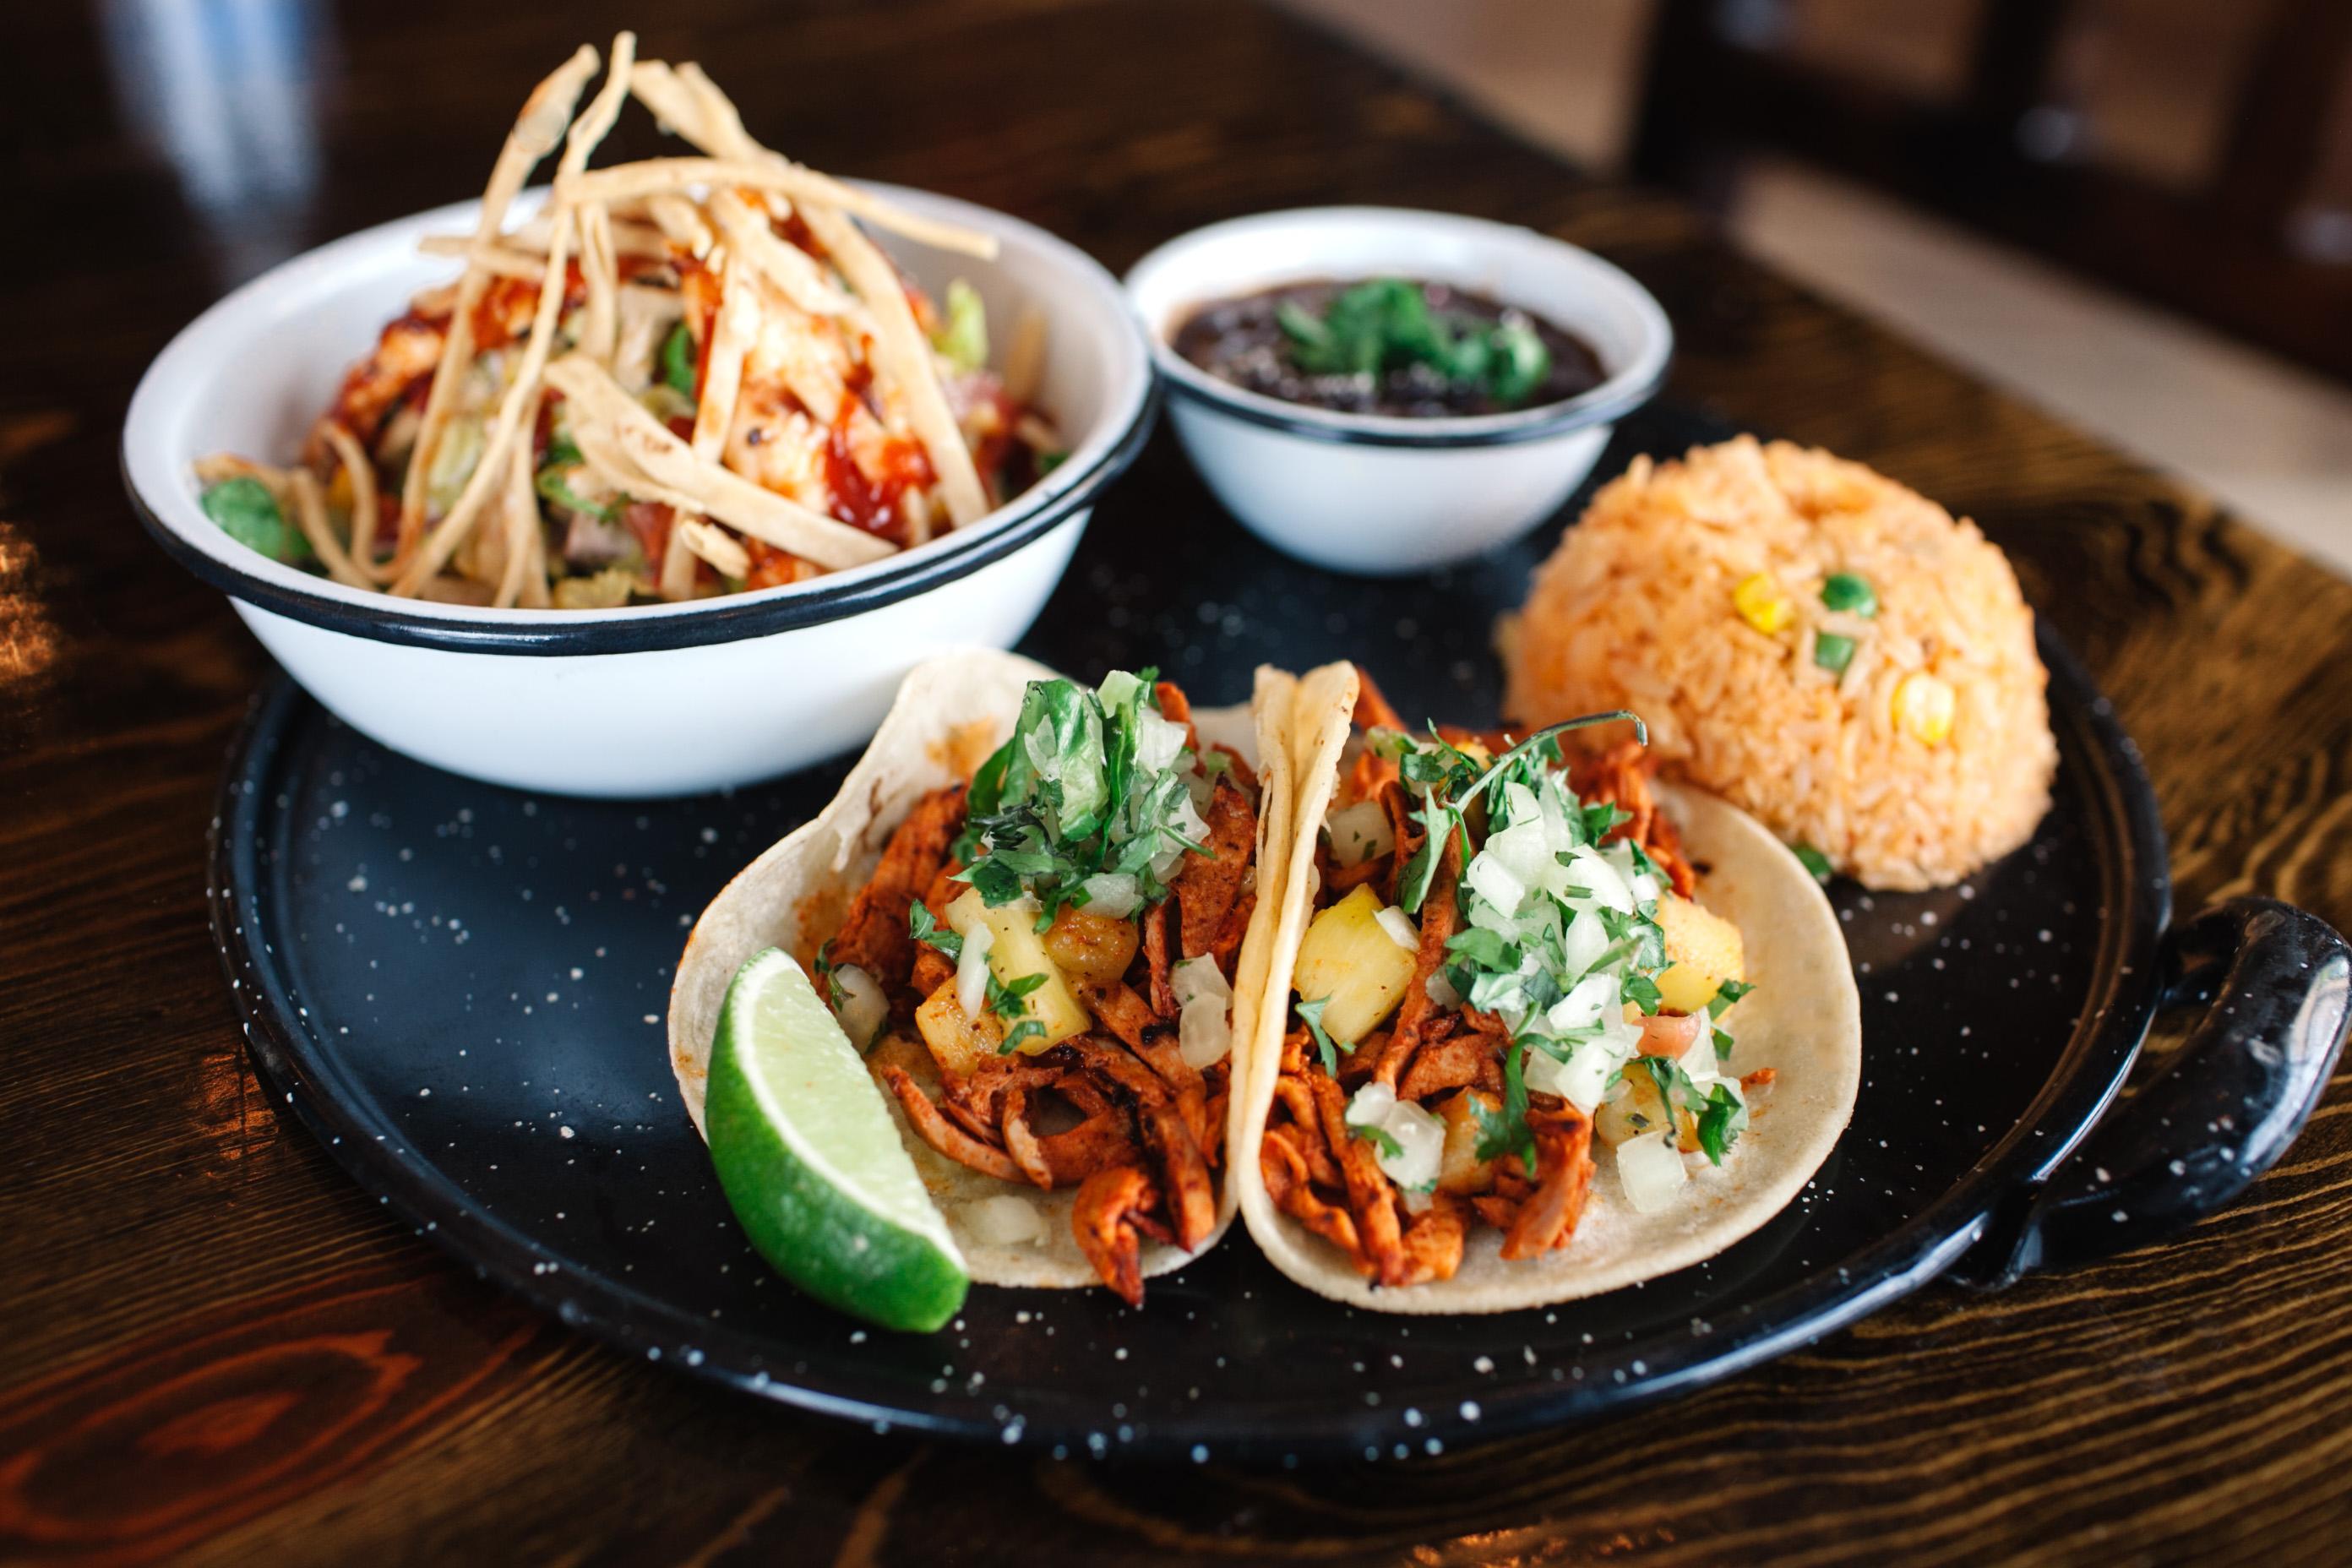 La Sandia in Tysons Corner is now serving a Vámonos Express Lunch for $9.95. (Photo: La Sandia)